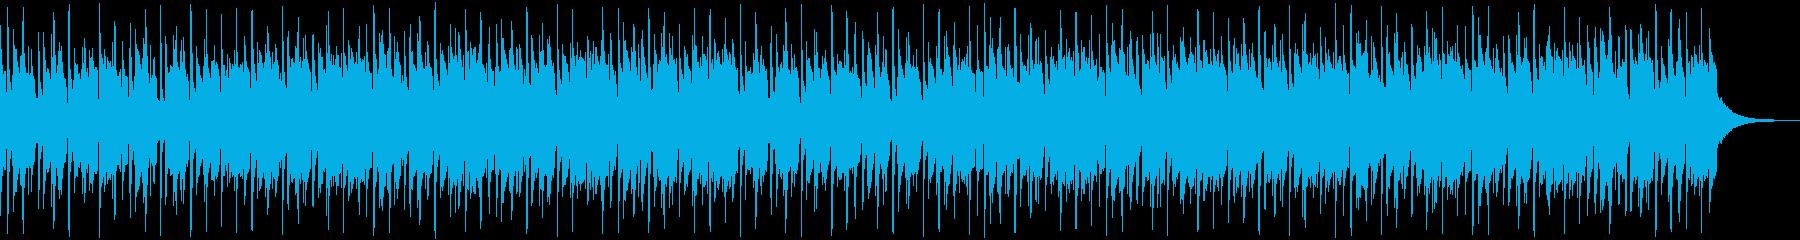 楽しいウクレレ楽曲,大人し目の再生済みの波形